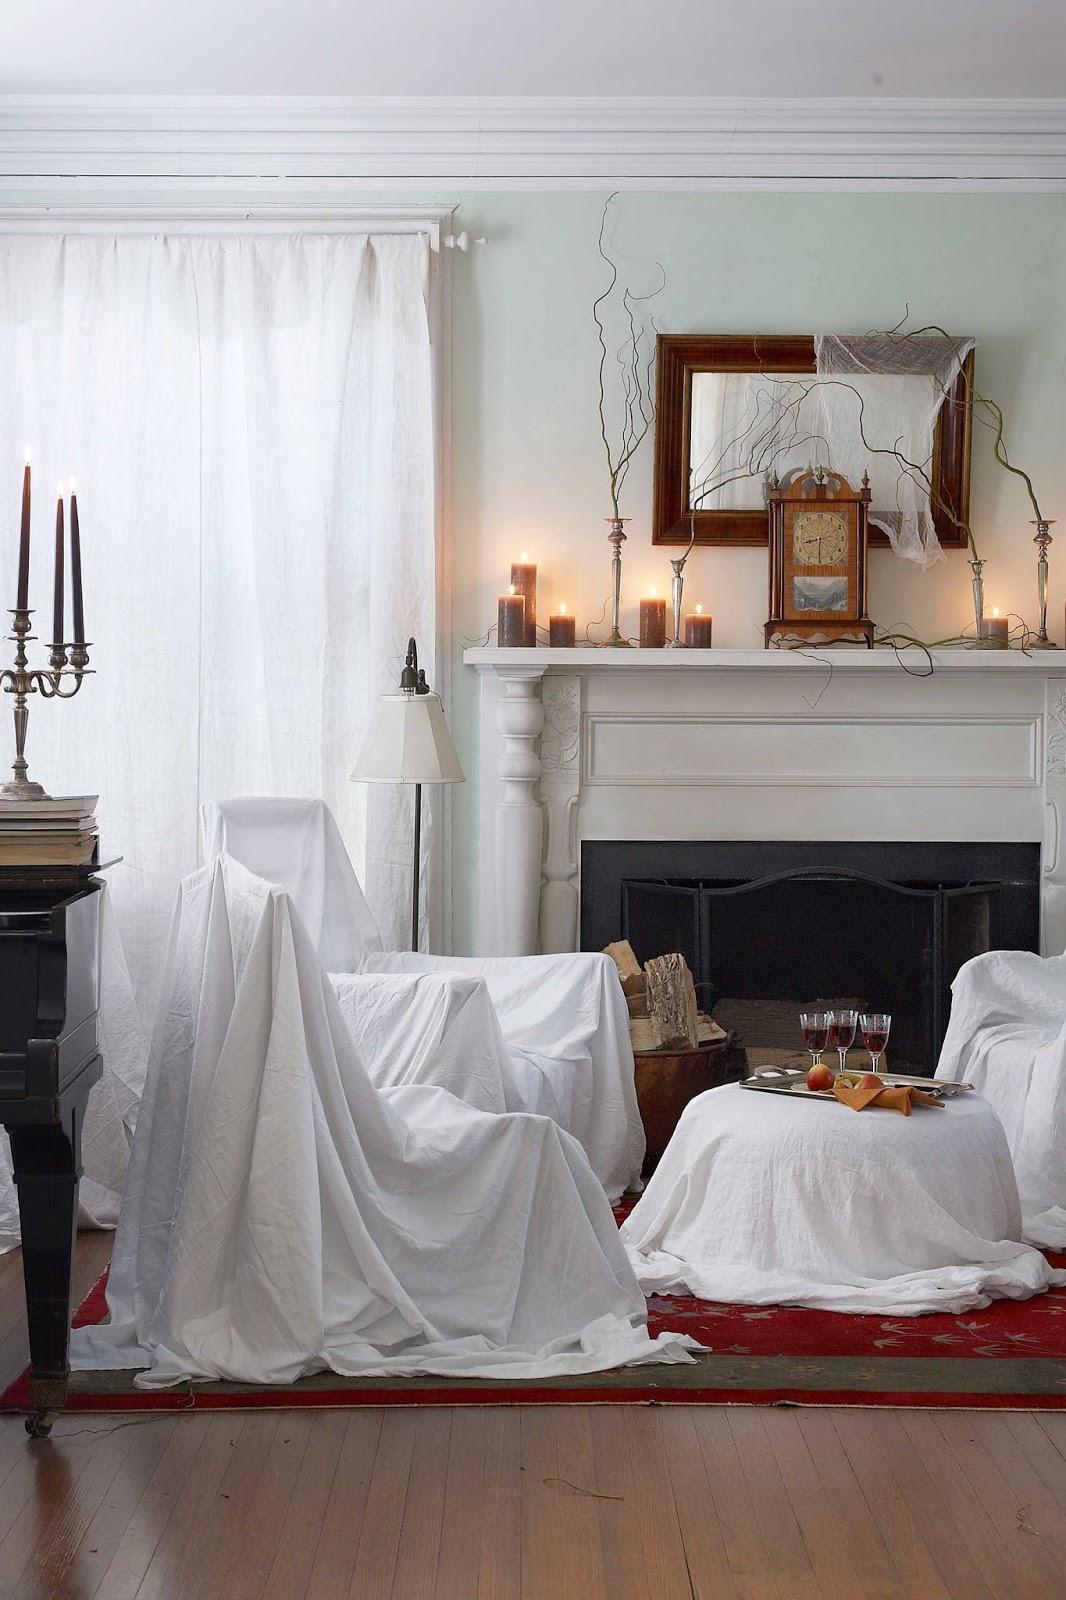 como decorar fiesta halloween con ambiente misterioso y sabanas blancas